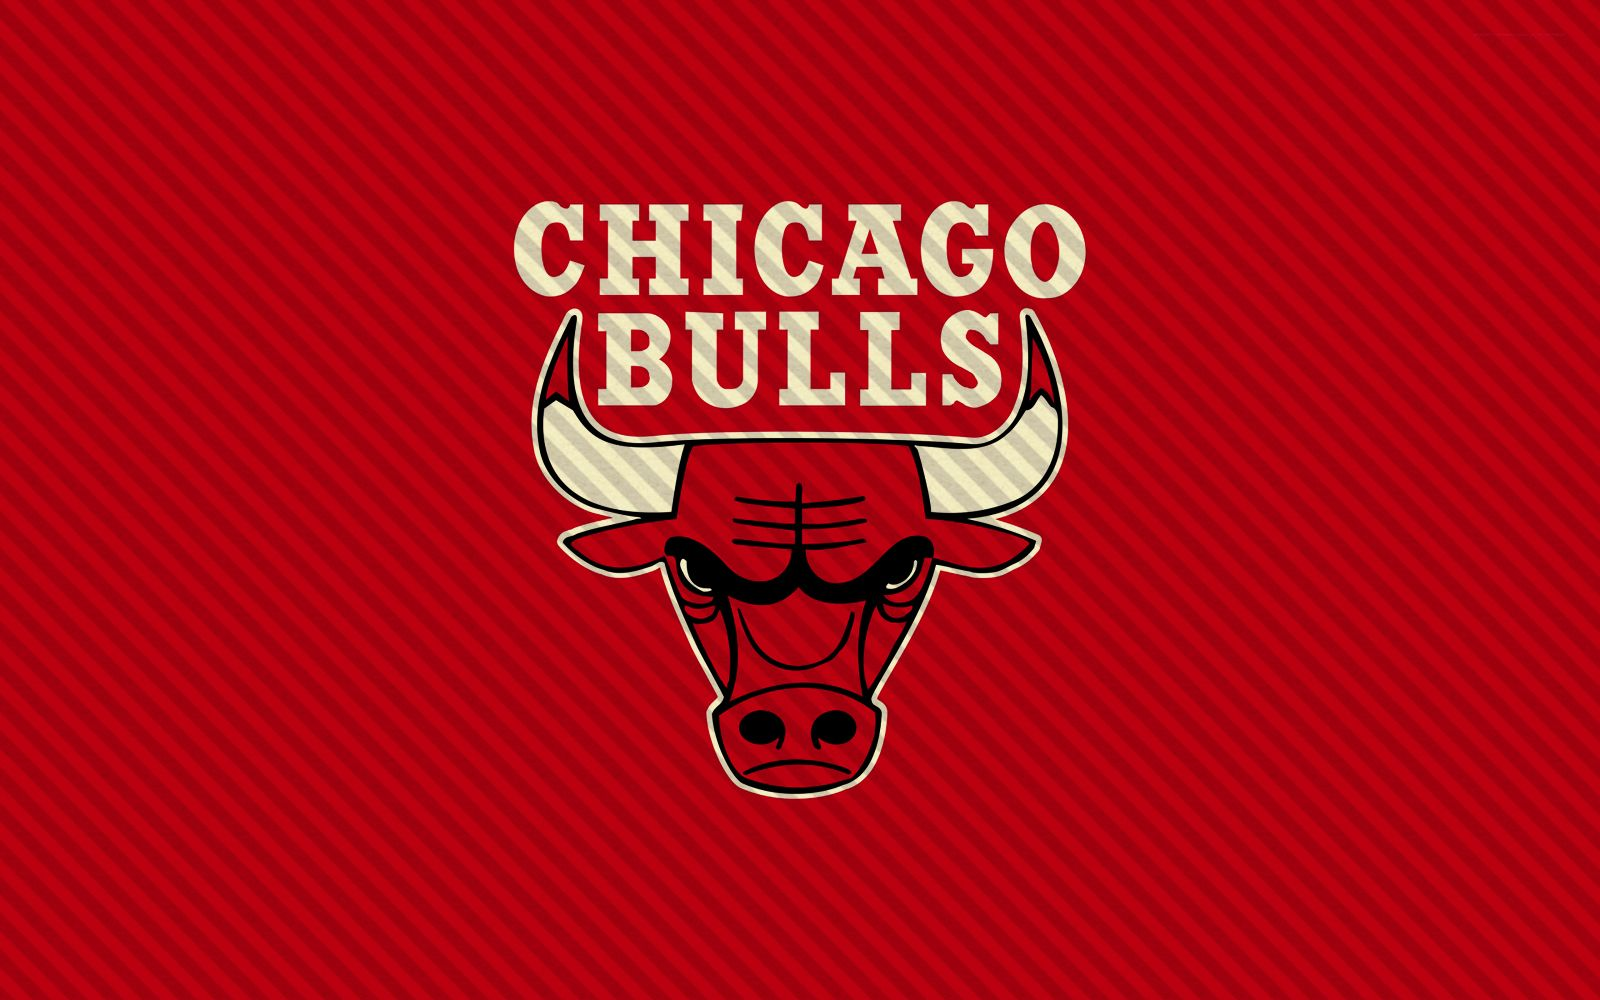 Chicago Bulls Logo Wallpaper Chicago Bulls Logo Red Background Lines Hd Wallpaper Chicago Bulls Chicago Bulls Wallpaper Chicago Bulls Logo